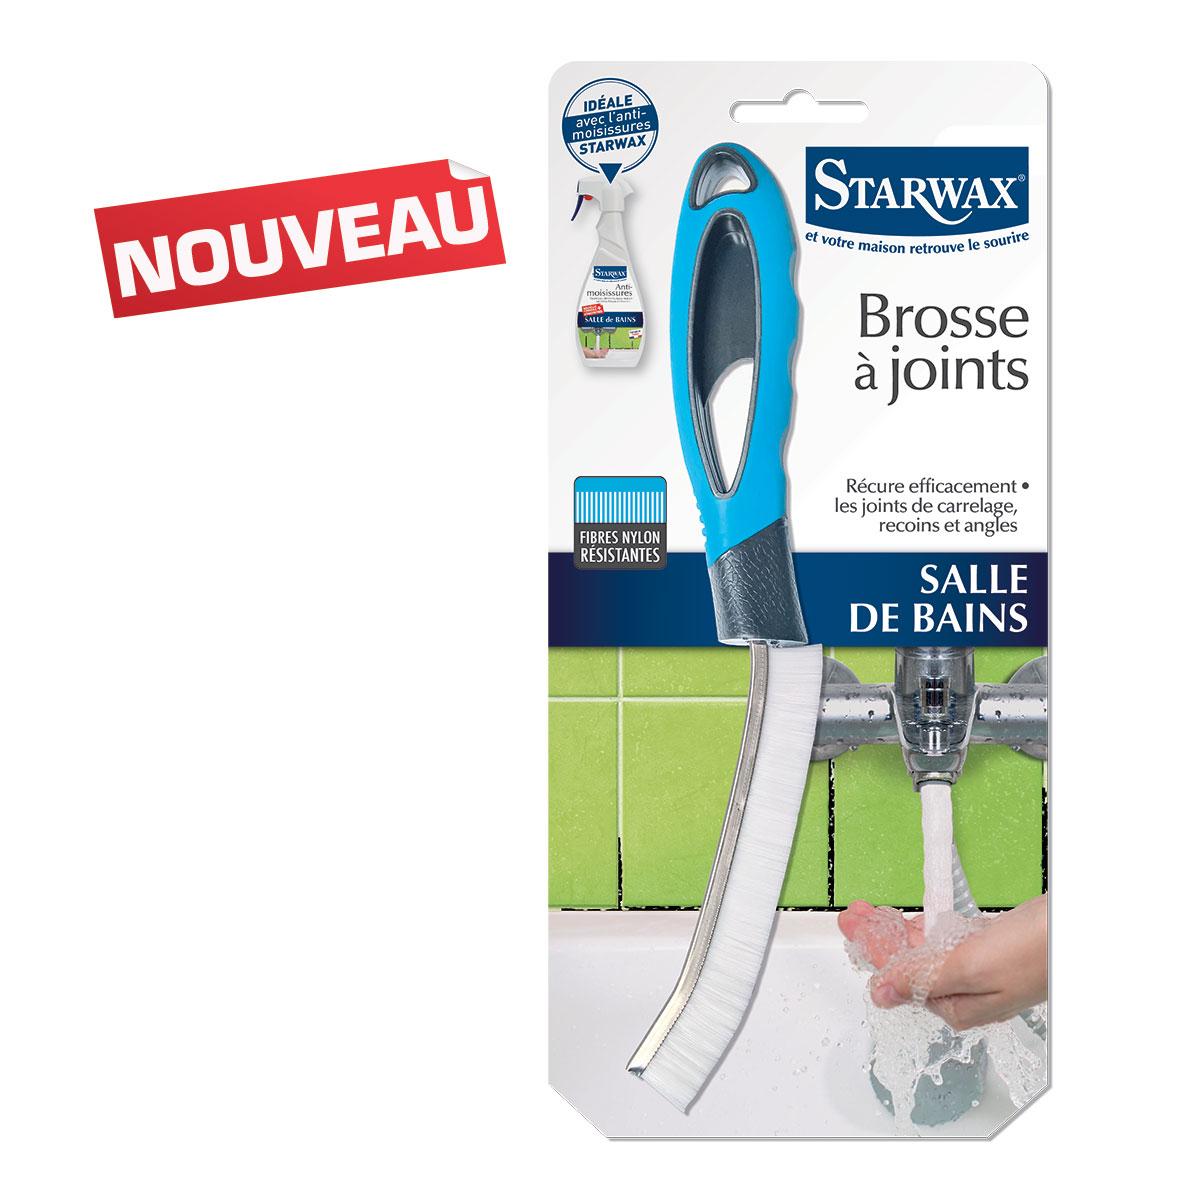 Brosse joints starwax produits d entretien maison for Produit anti moisissure salle de bain